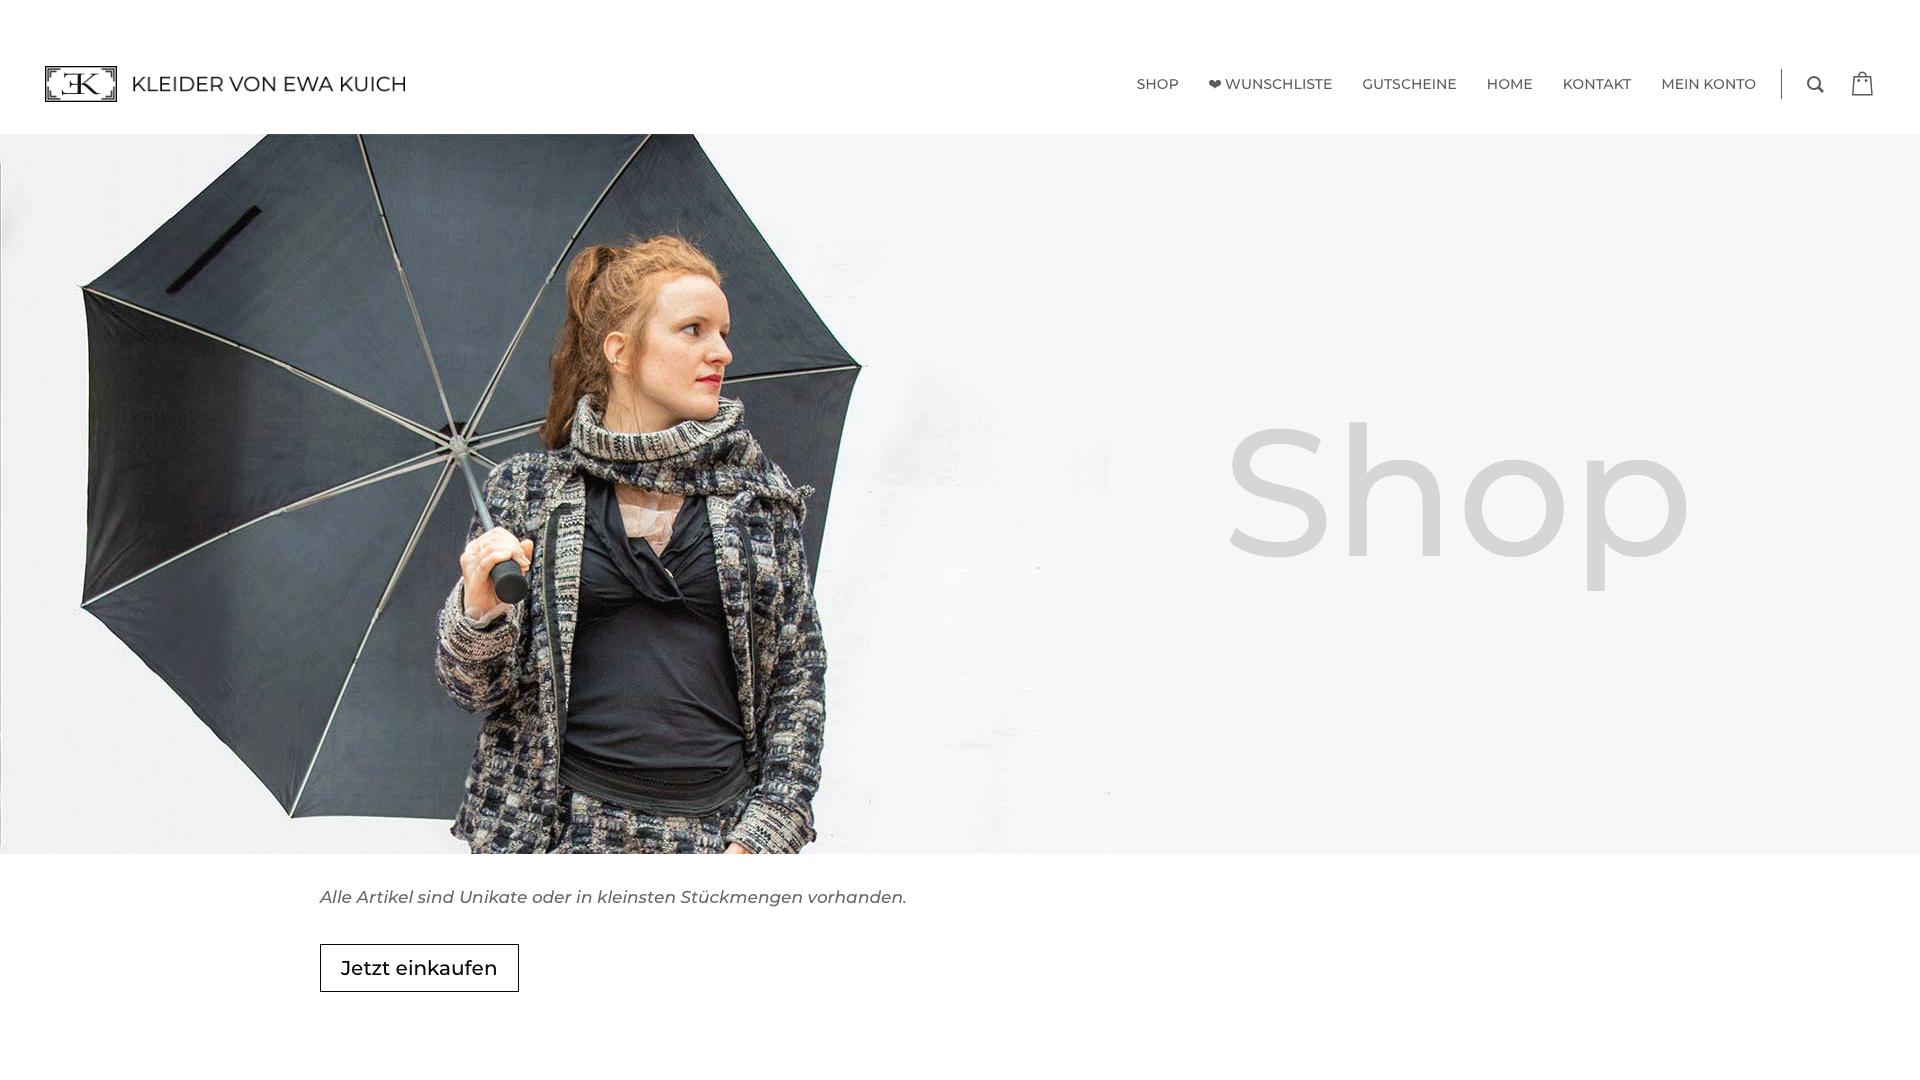 Online Shop Kleider von Ewa Kuich